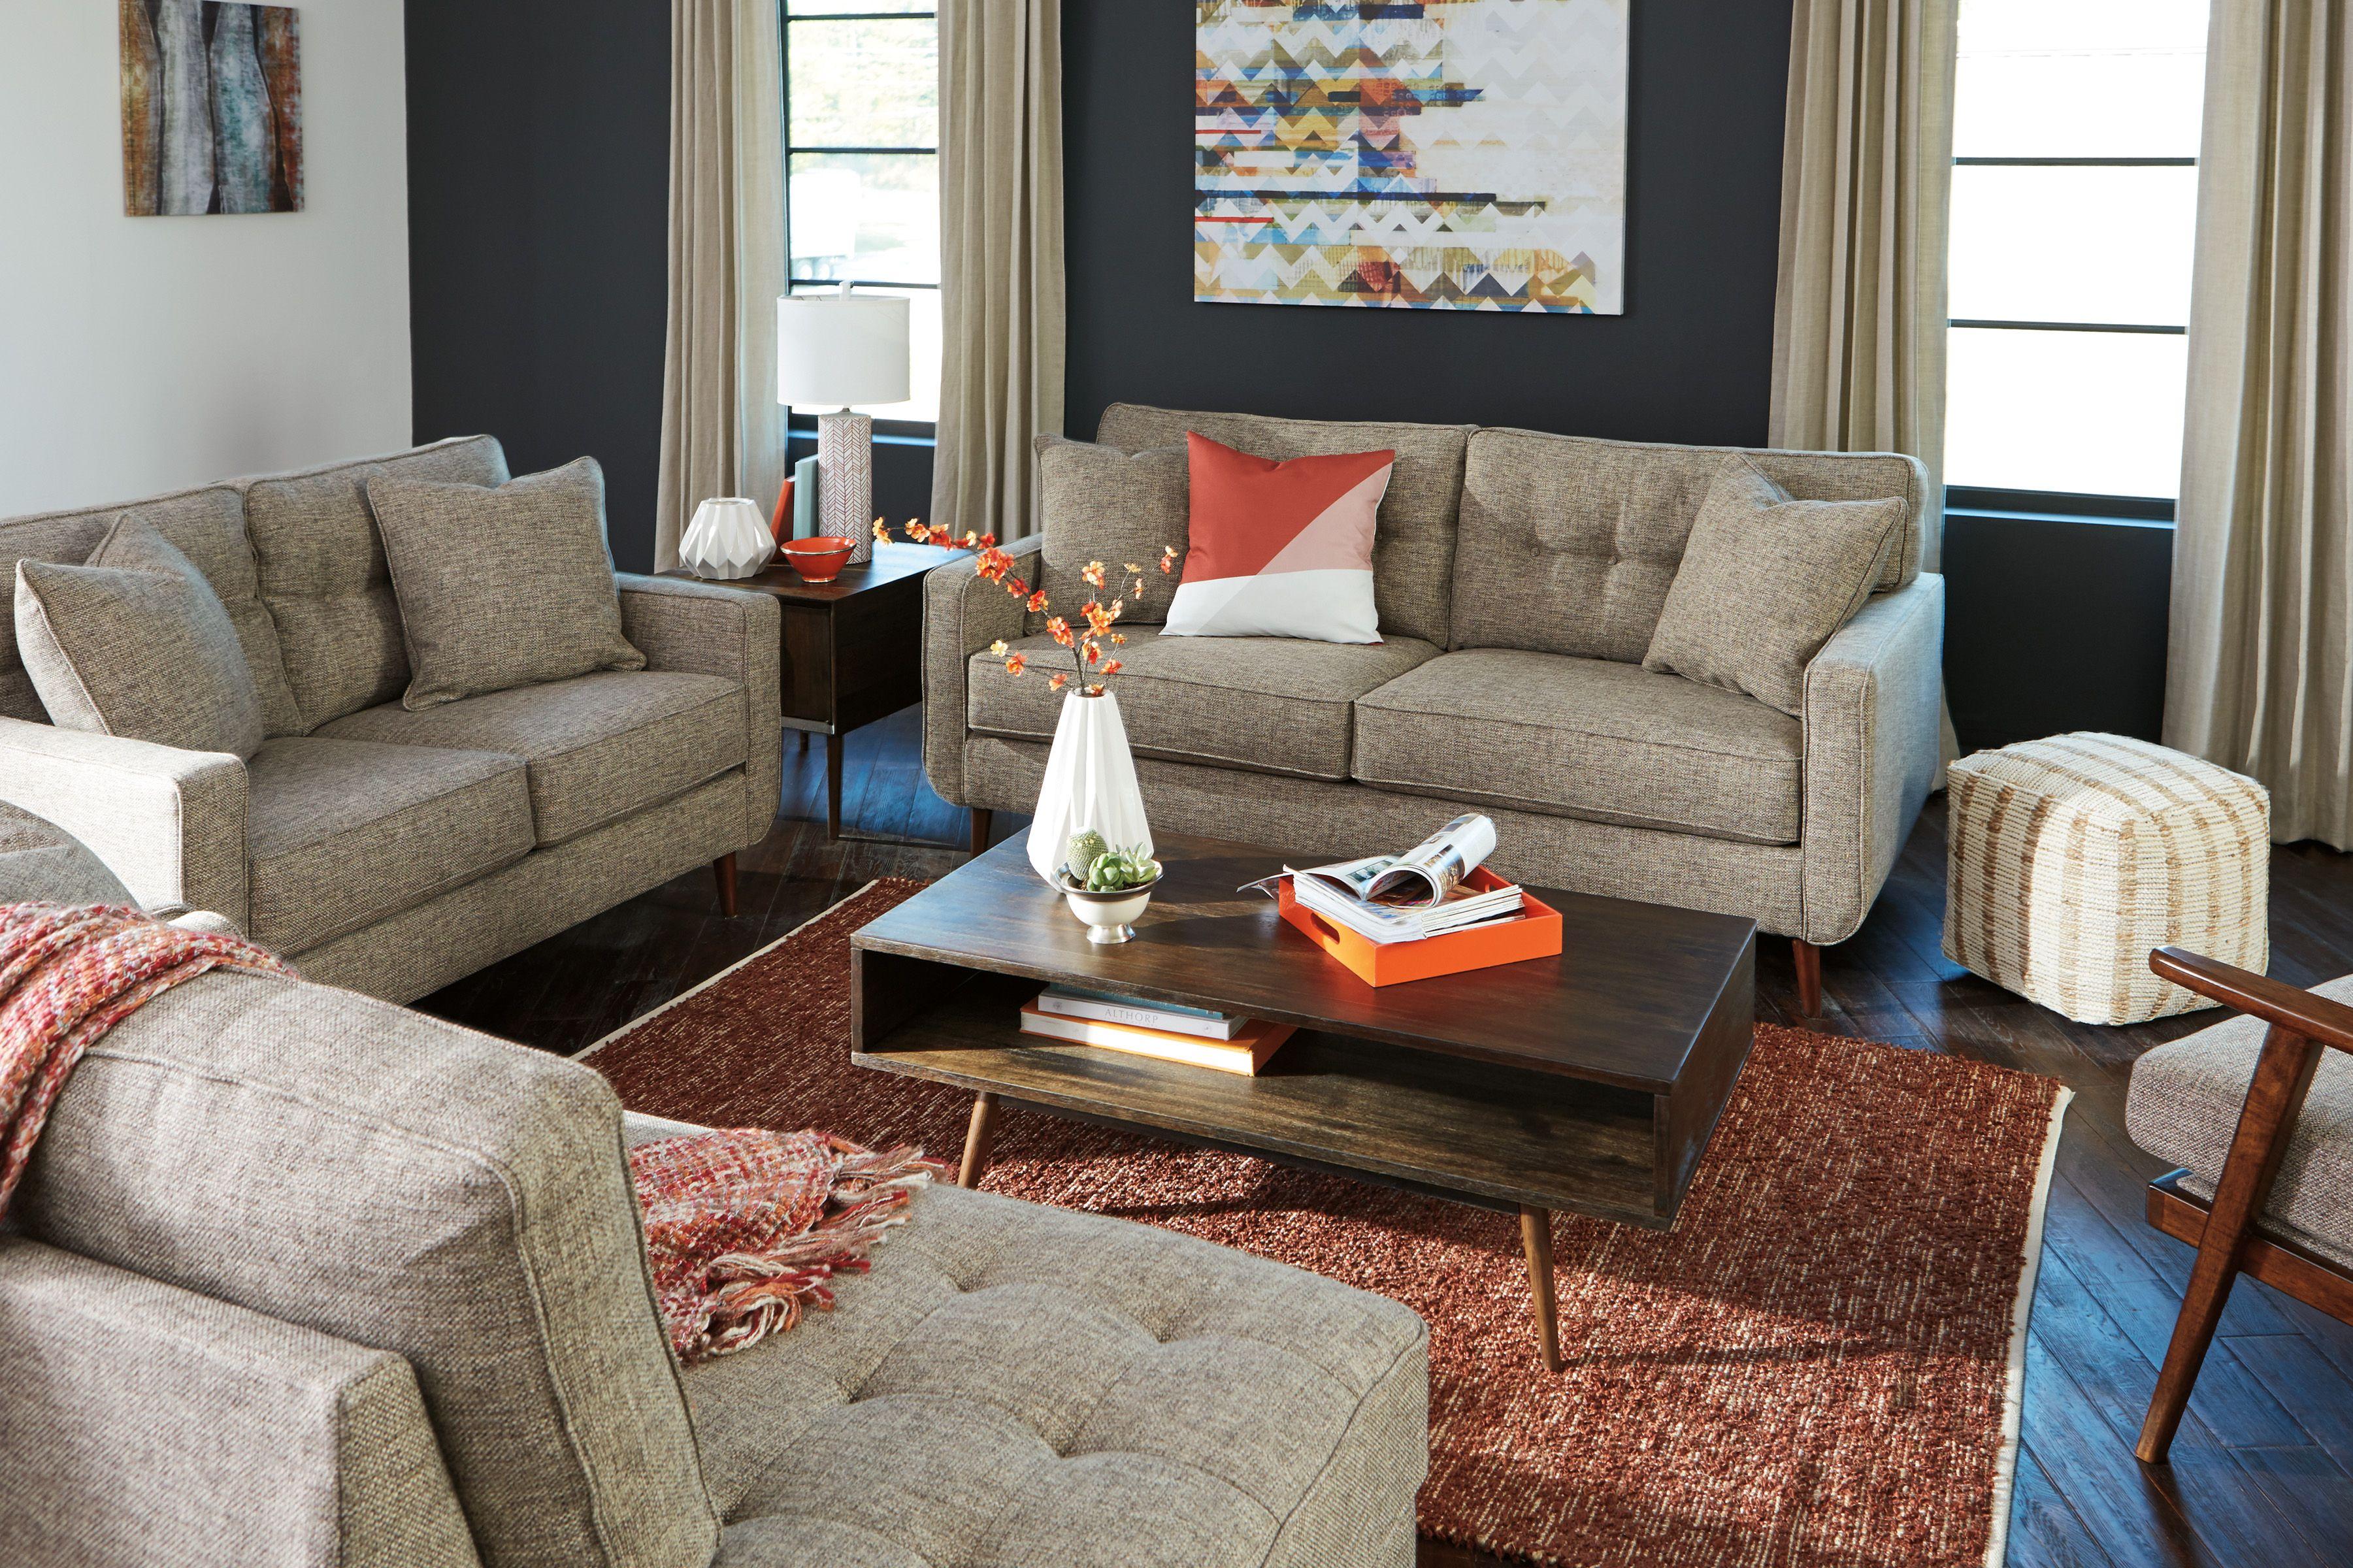 Pleasant Sofa Living Rooms To Love In 2019 Furniture Sofa Love Seat Interior Design Ideas Gentotthenellocom